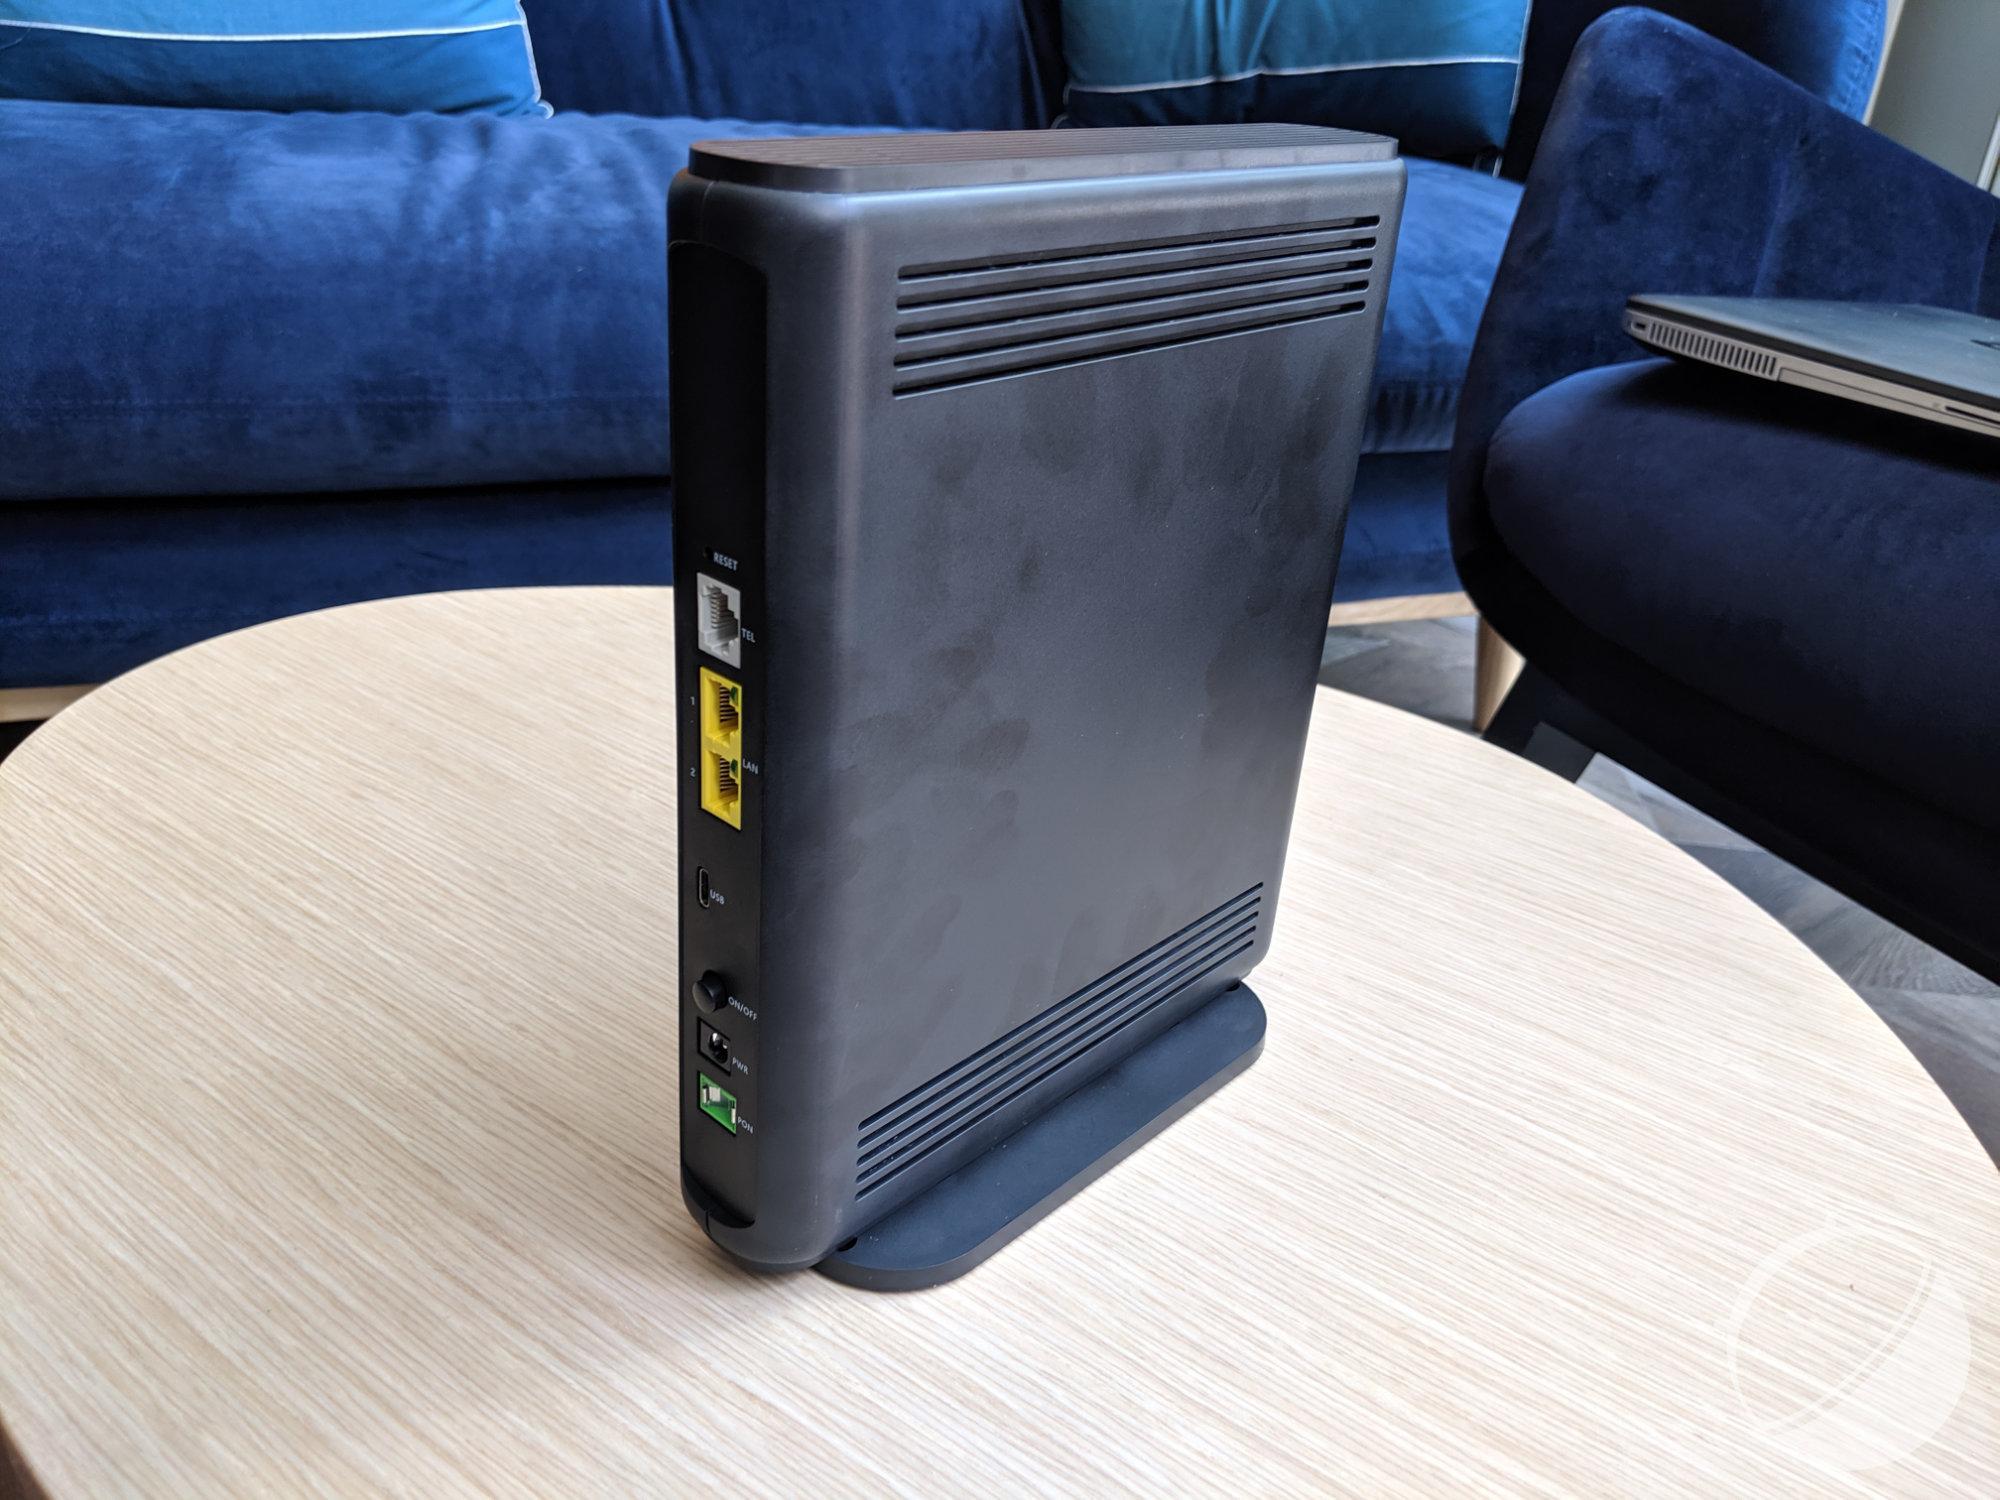 Prise en main de la SFR Box 8 : « se mettre au niveau des concurrents », et donc de la Freebox Delta